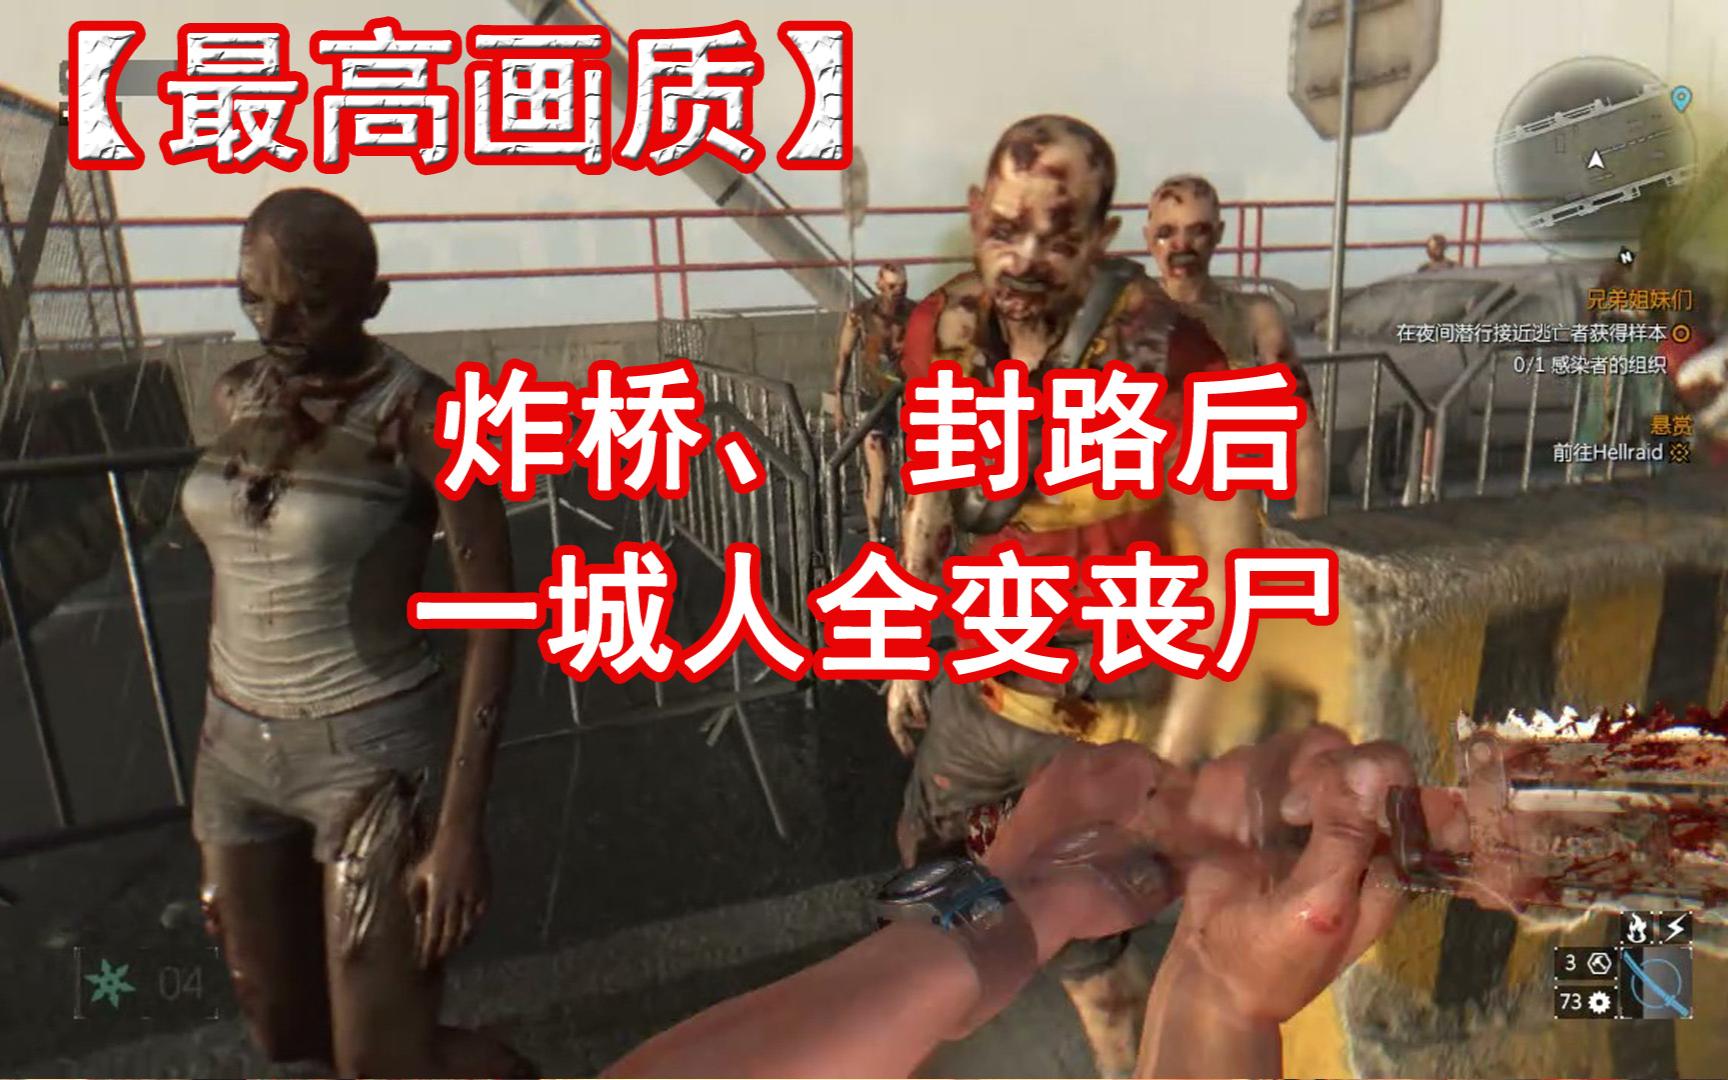 炸桥封路后,城里被困者全变丧尸!最高画质下,看最绝望的丧尸游戏